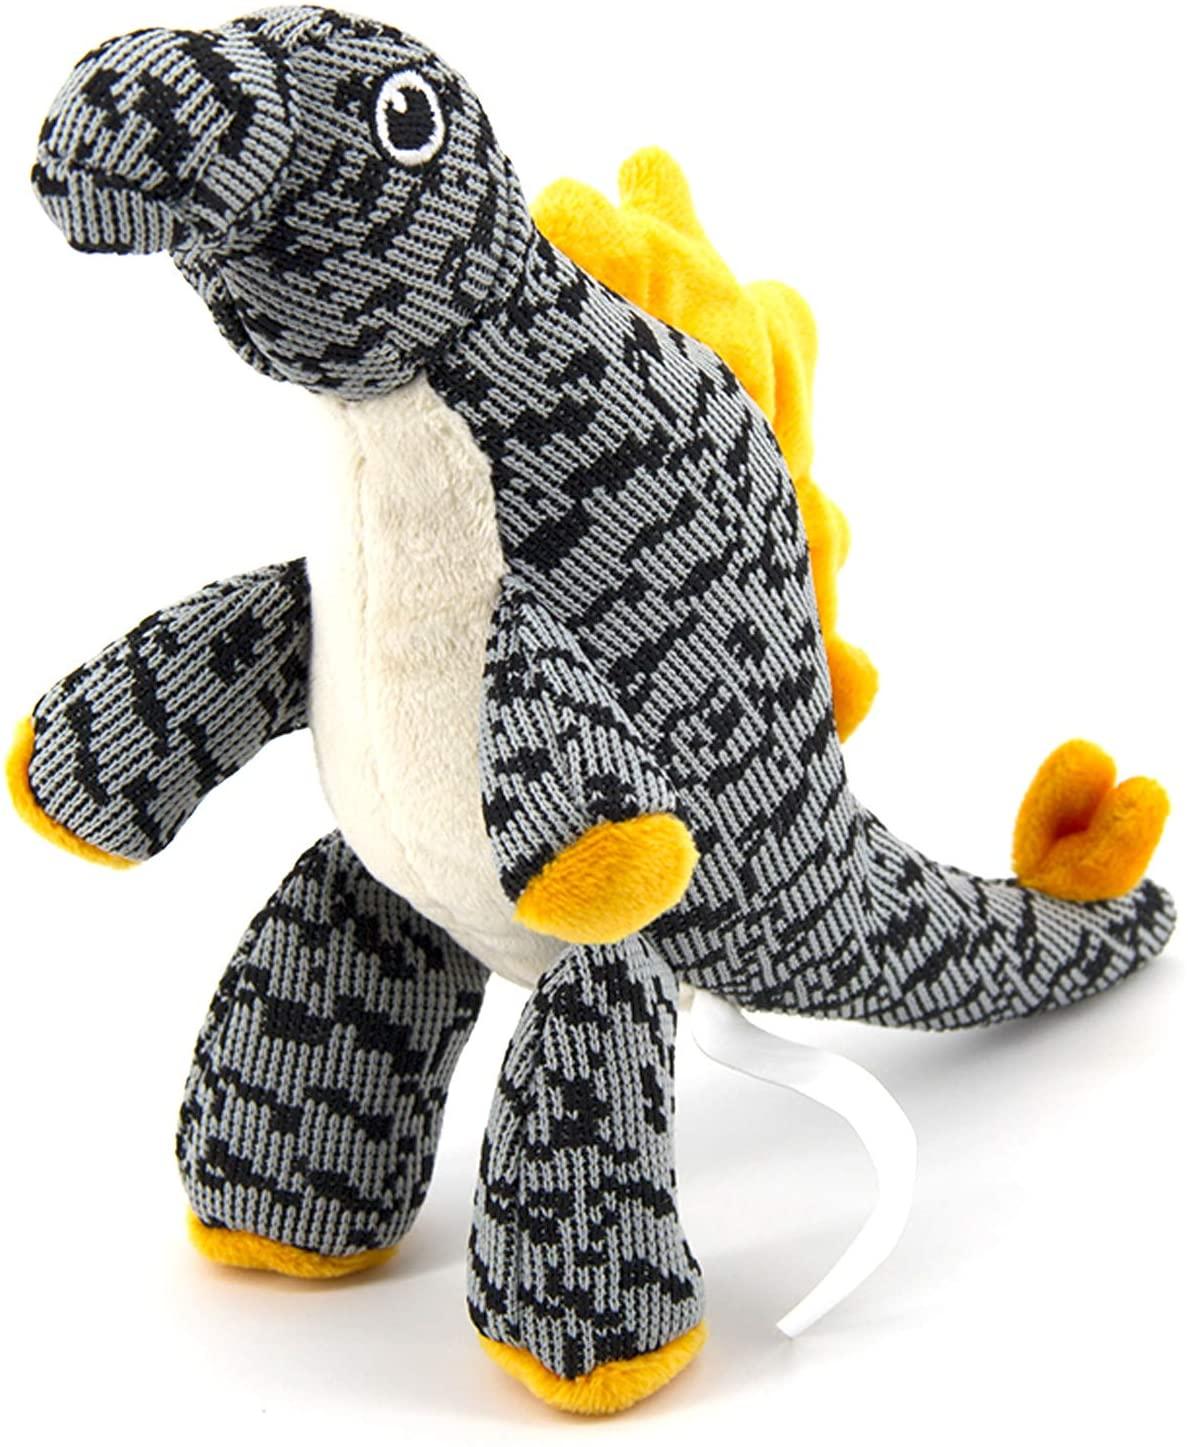 AXEN Dog Toy, Durable Squeaker, Dinos, Aliens, Pillar, Long Neck